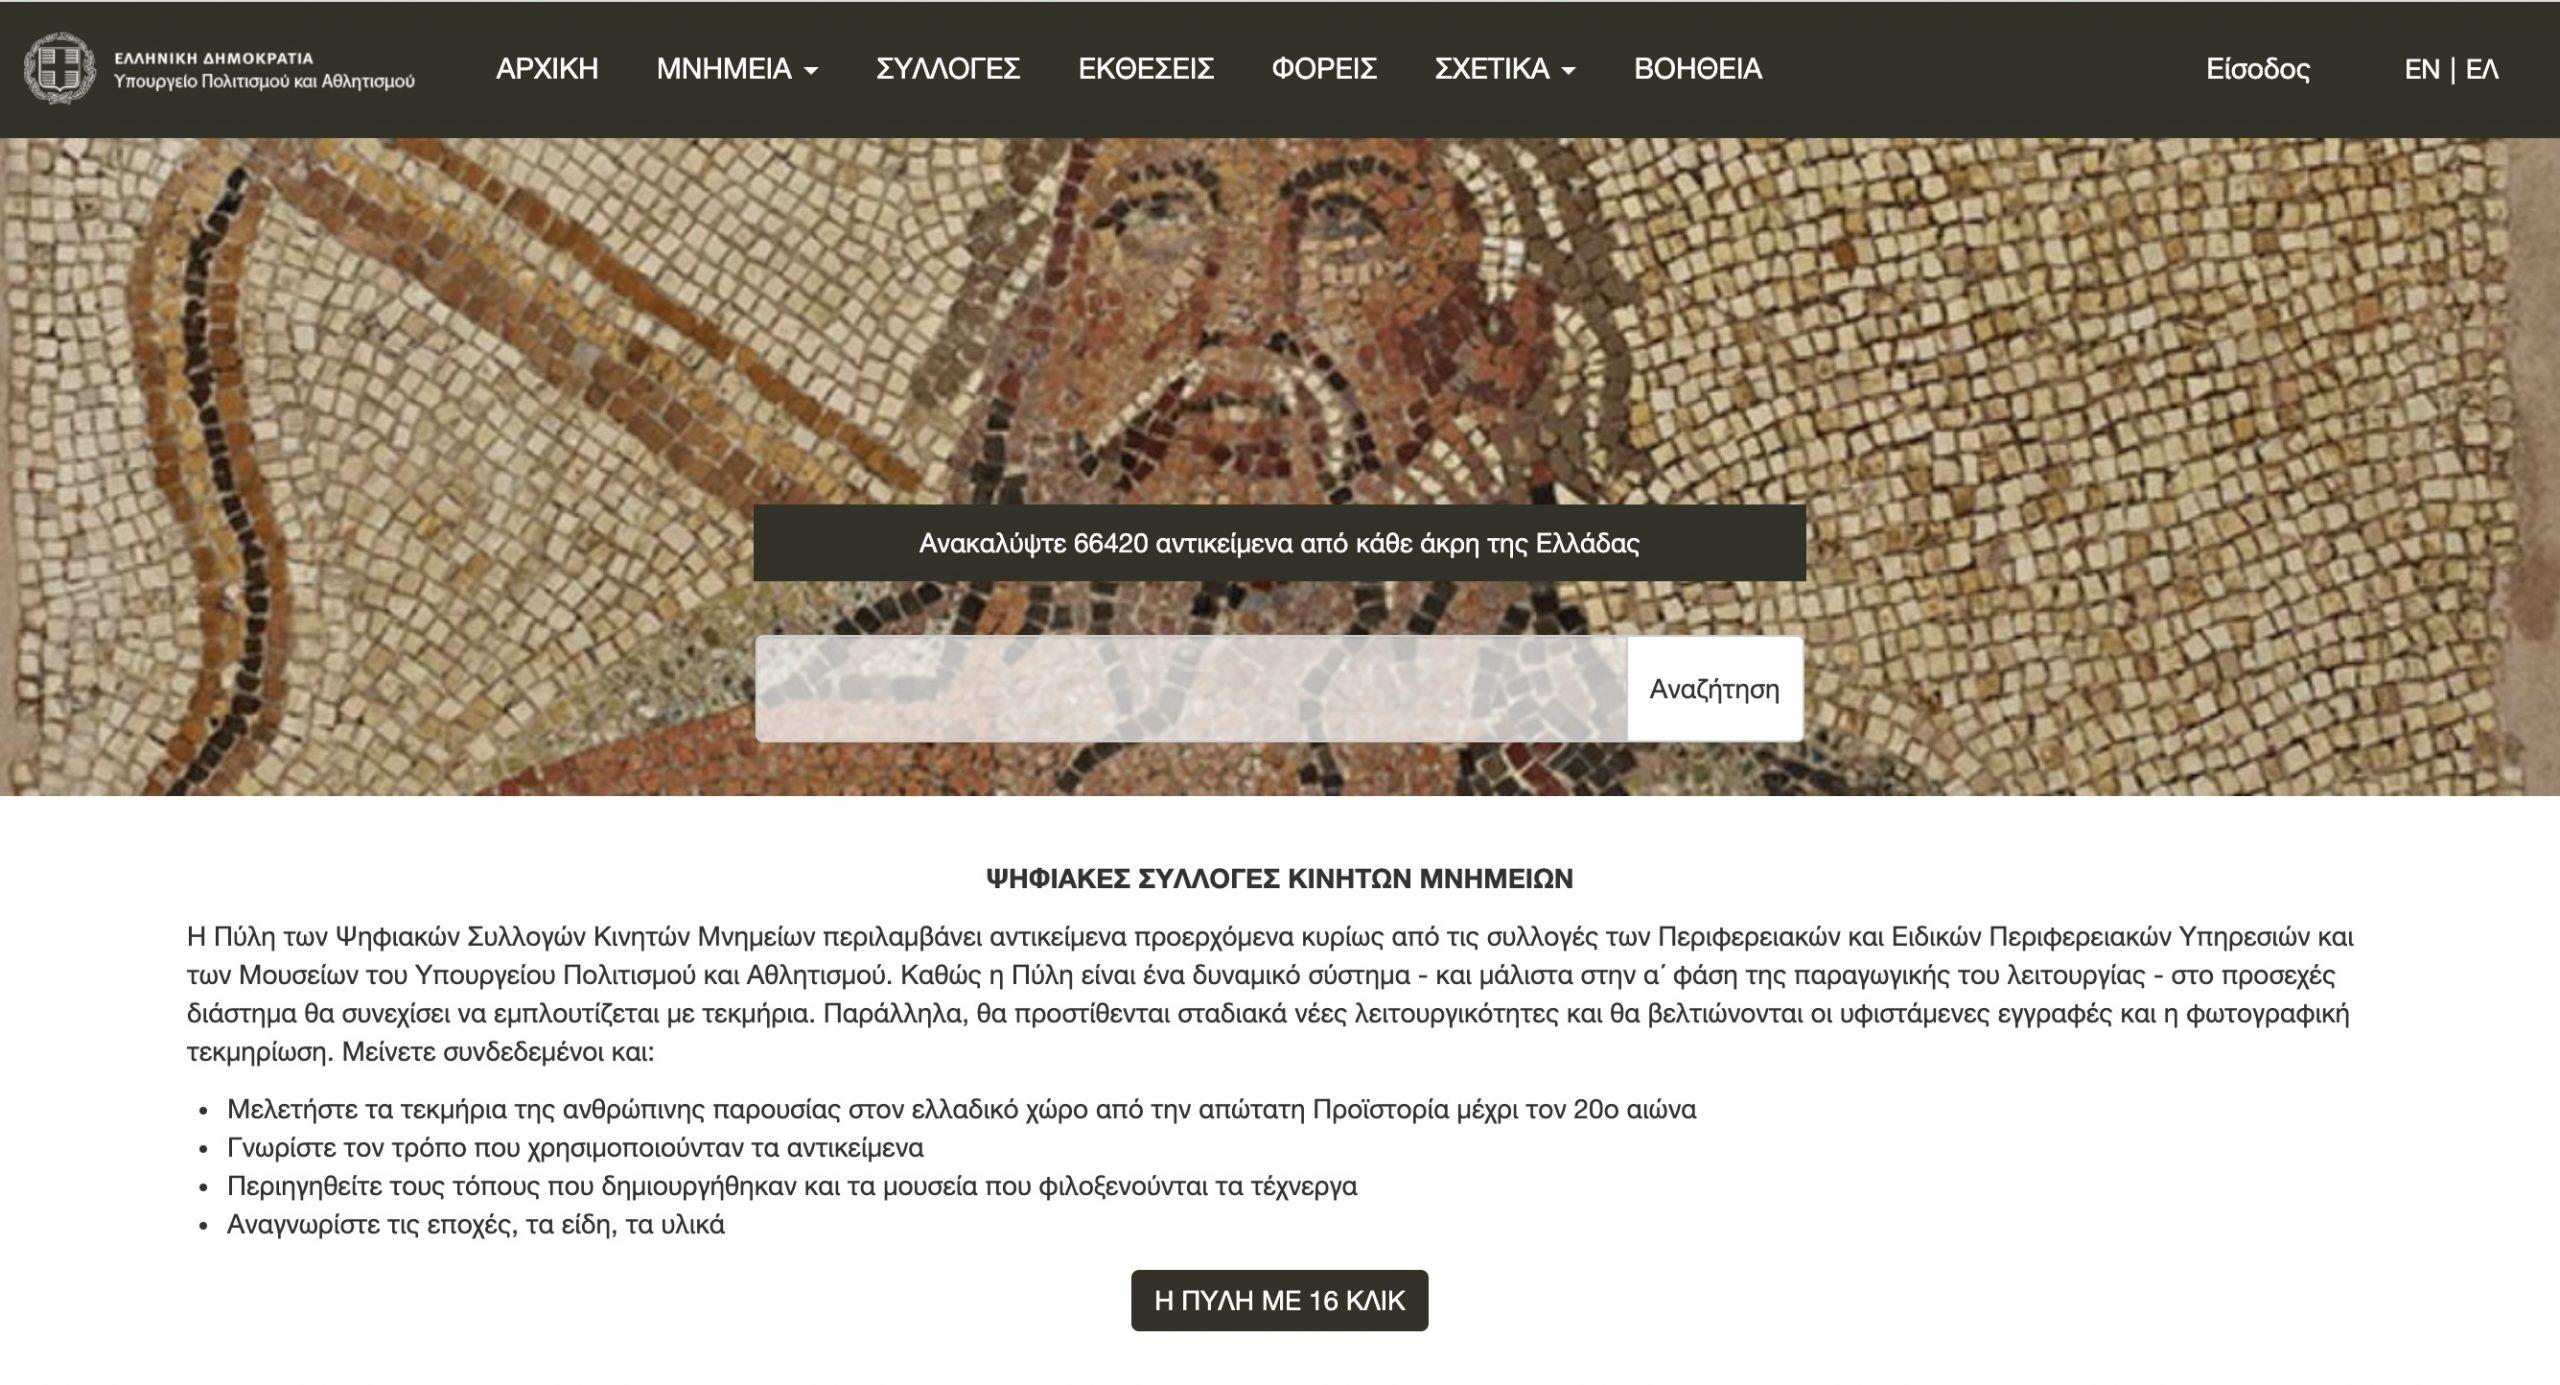 Ανοιχτή στο κοινό η Διαδικτυακή Πύλη των Ψηφιακών Συλλογών Κινητών Μνημείων